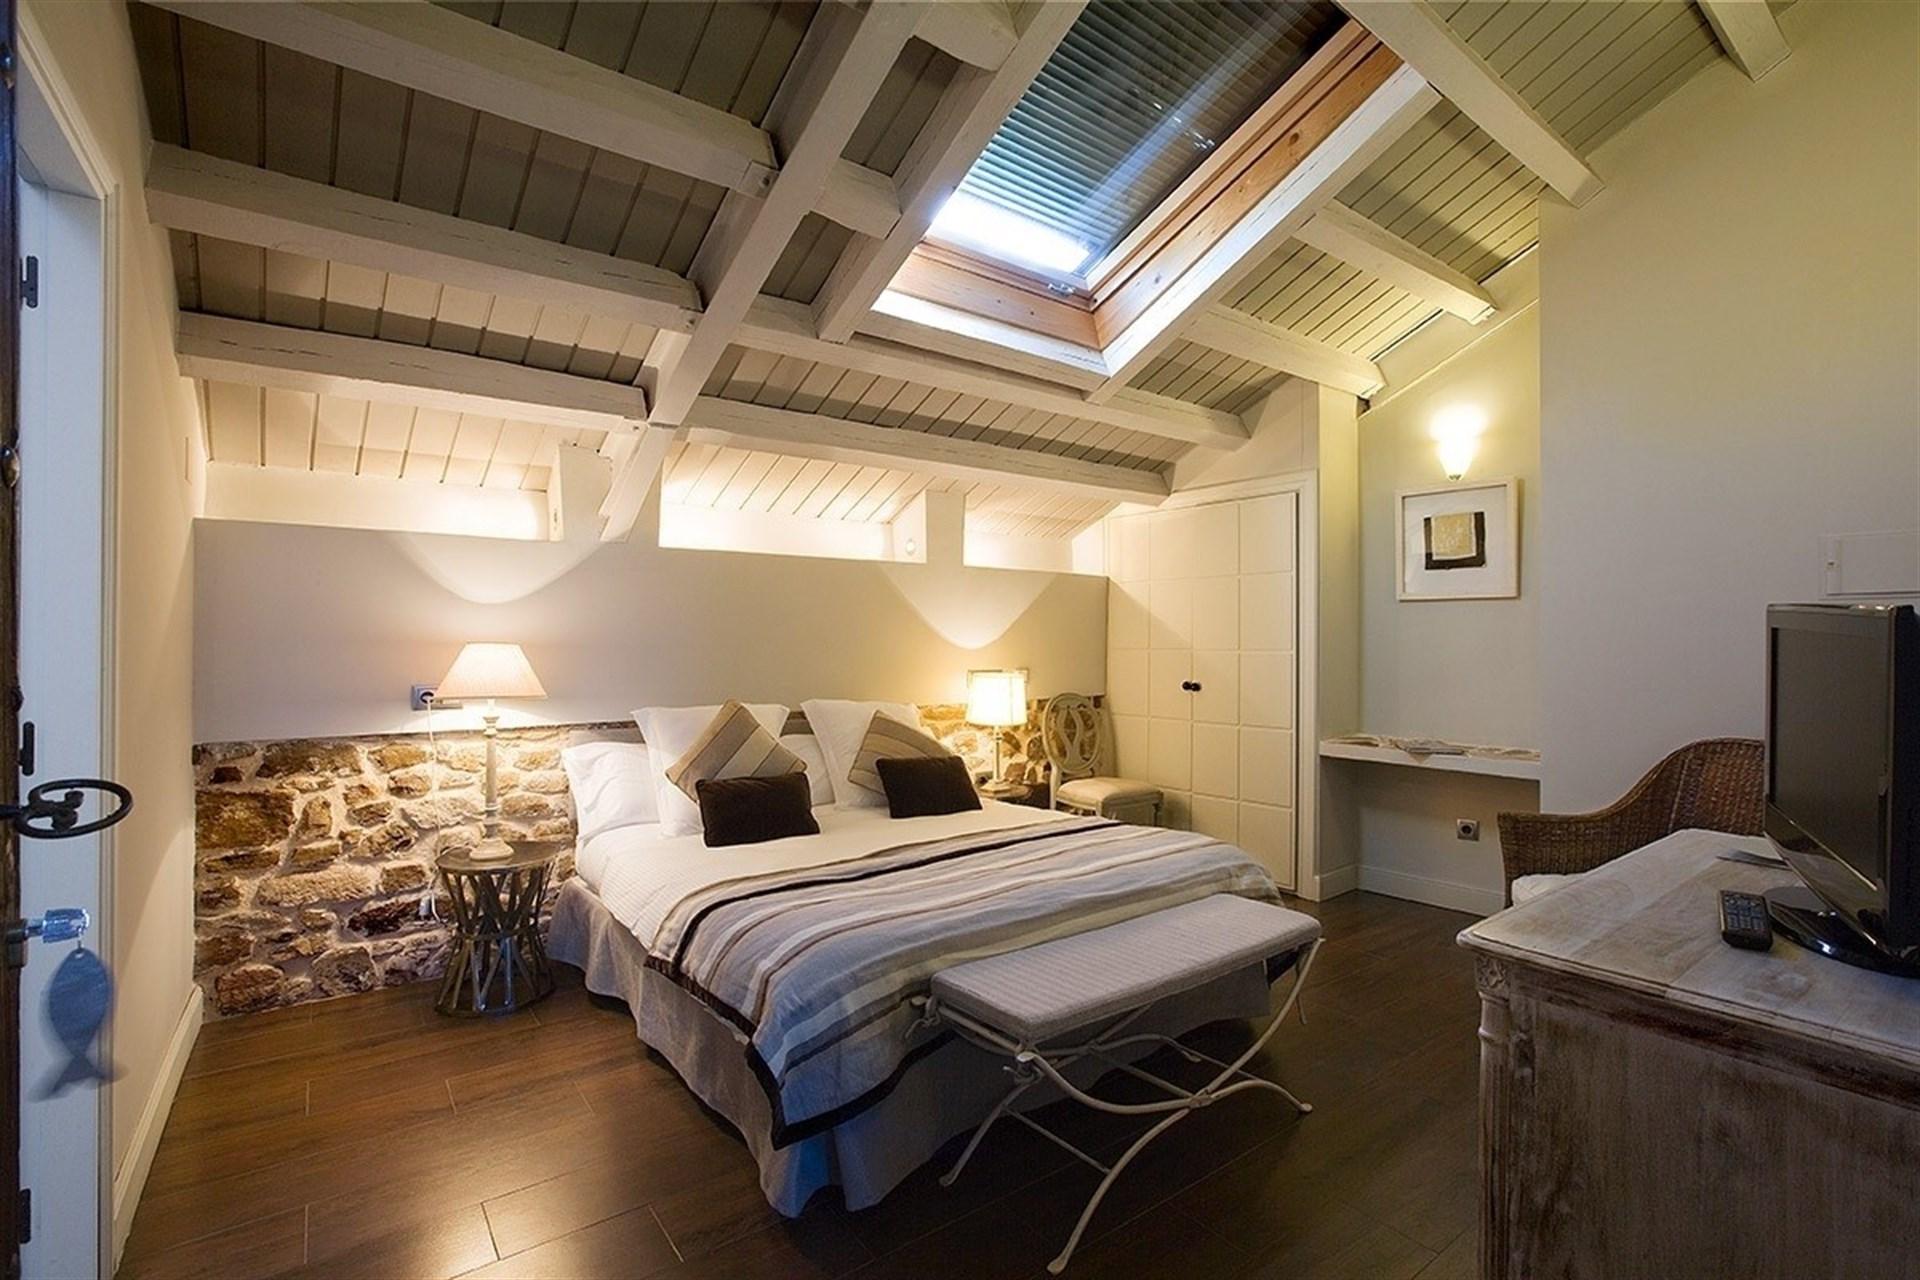 Detenido por dormir en 13 hoteles de lujo de madrid y - Hoteles con encanto siguenza ...